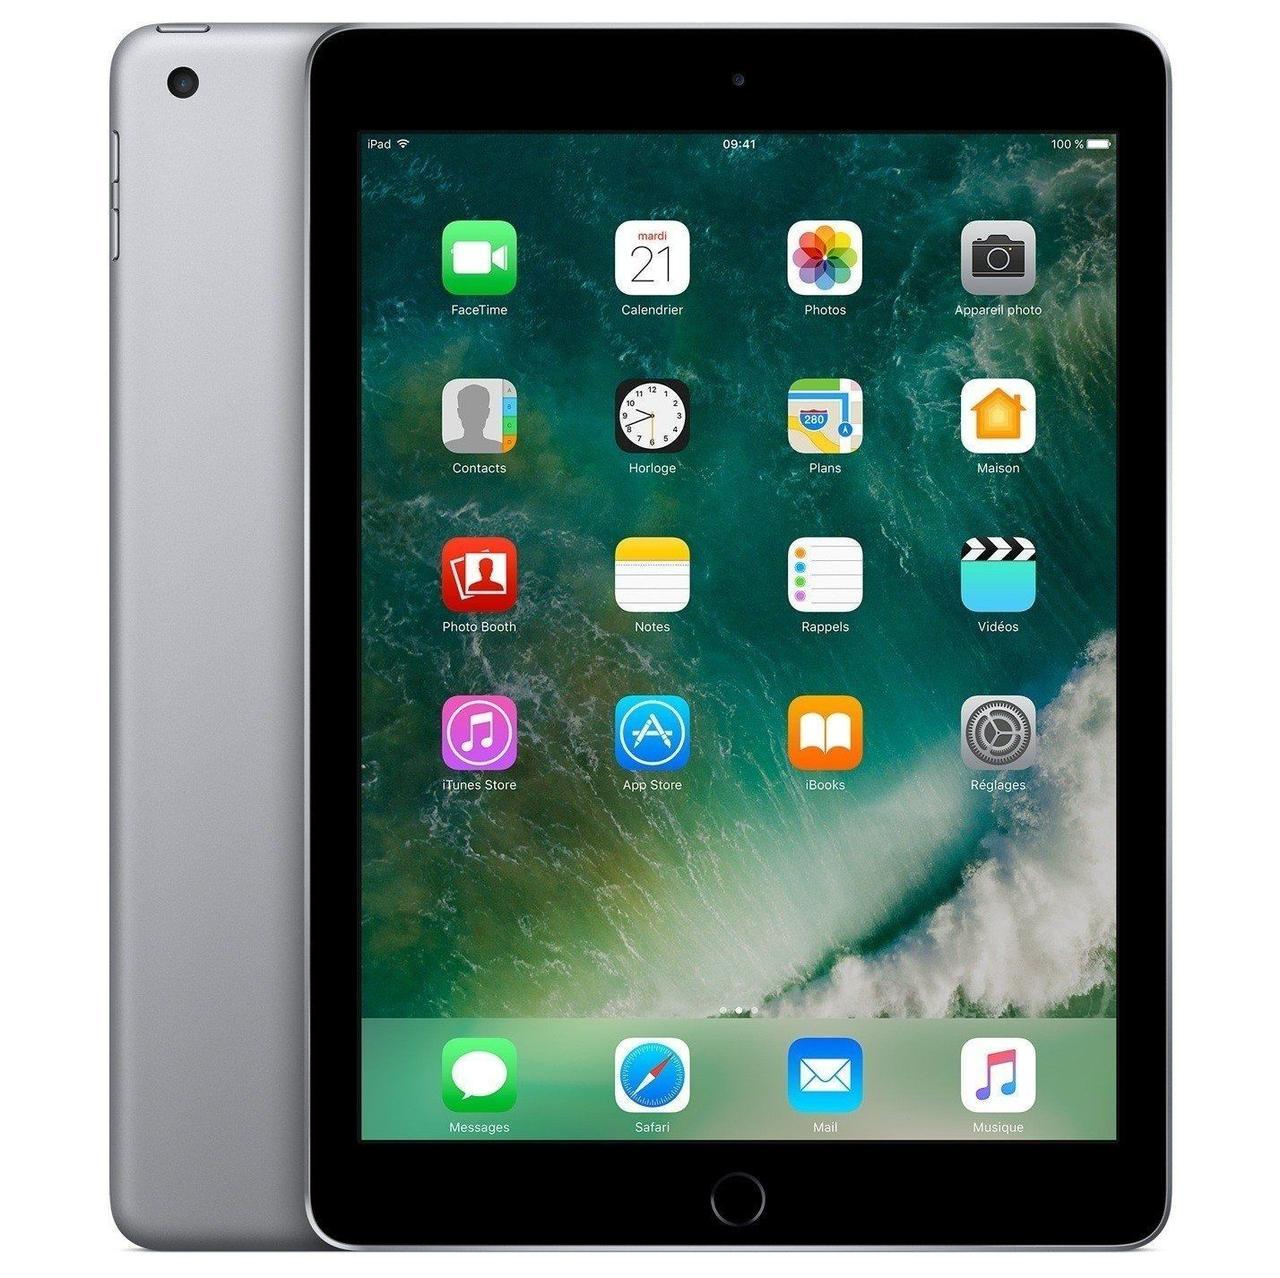 Apple iPad Wi-Fi + Cellular 32Gb Space Gray (MR6Y2) (2018)